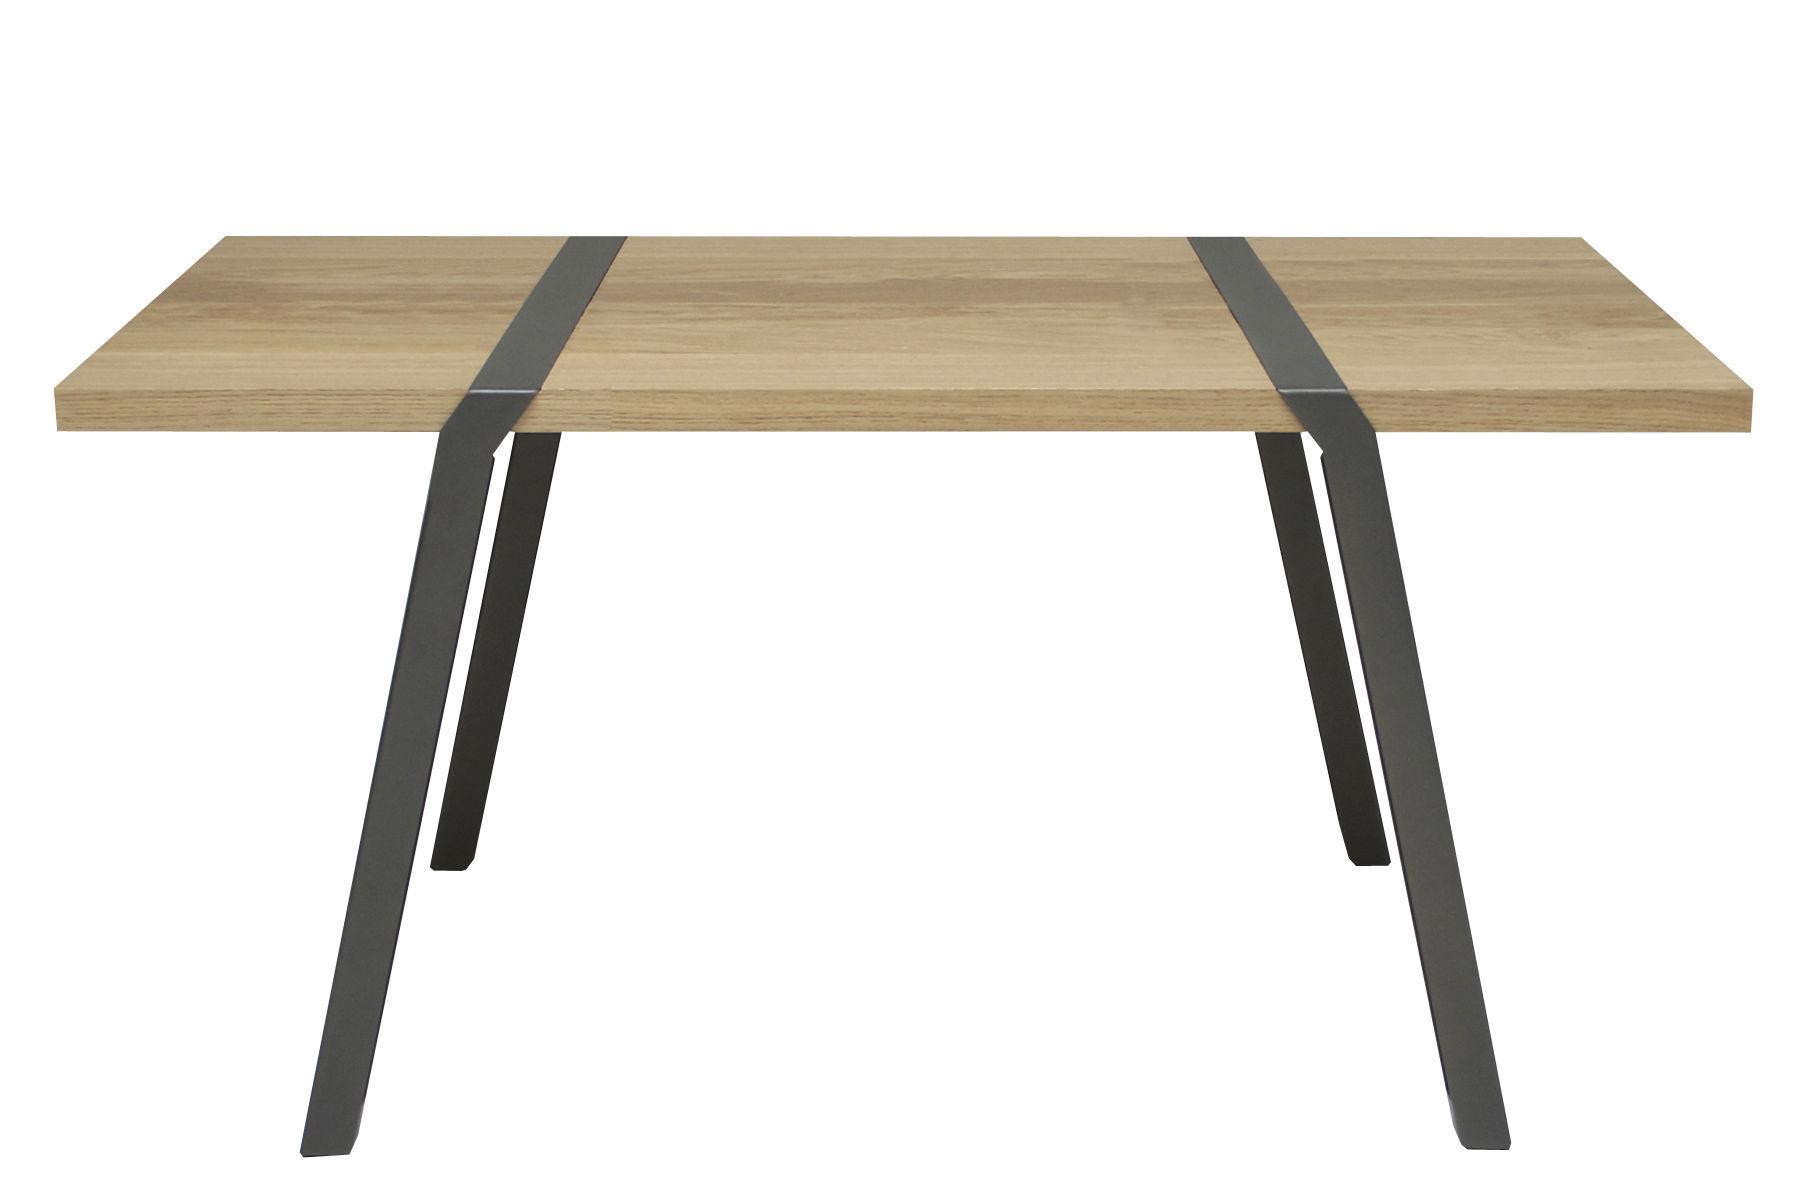 Mobilier - Bureaux - Table Pi / Bureau - 150 x 75 cm - Moaroom - Gris Canon de fusil - L 150 cm - Acier peint, Chêne massif